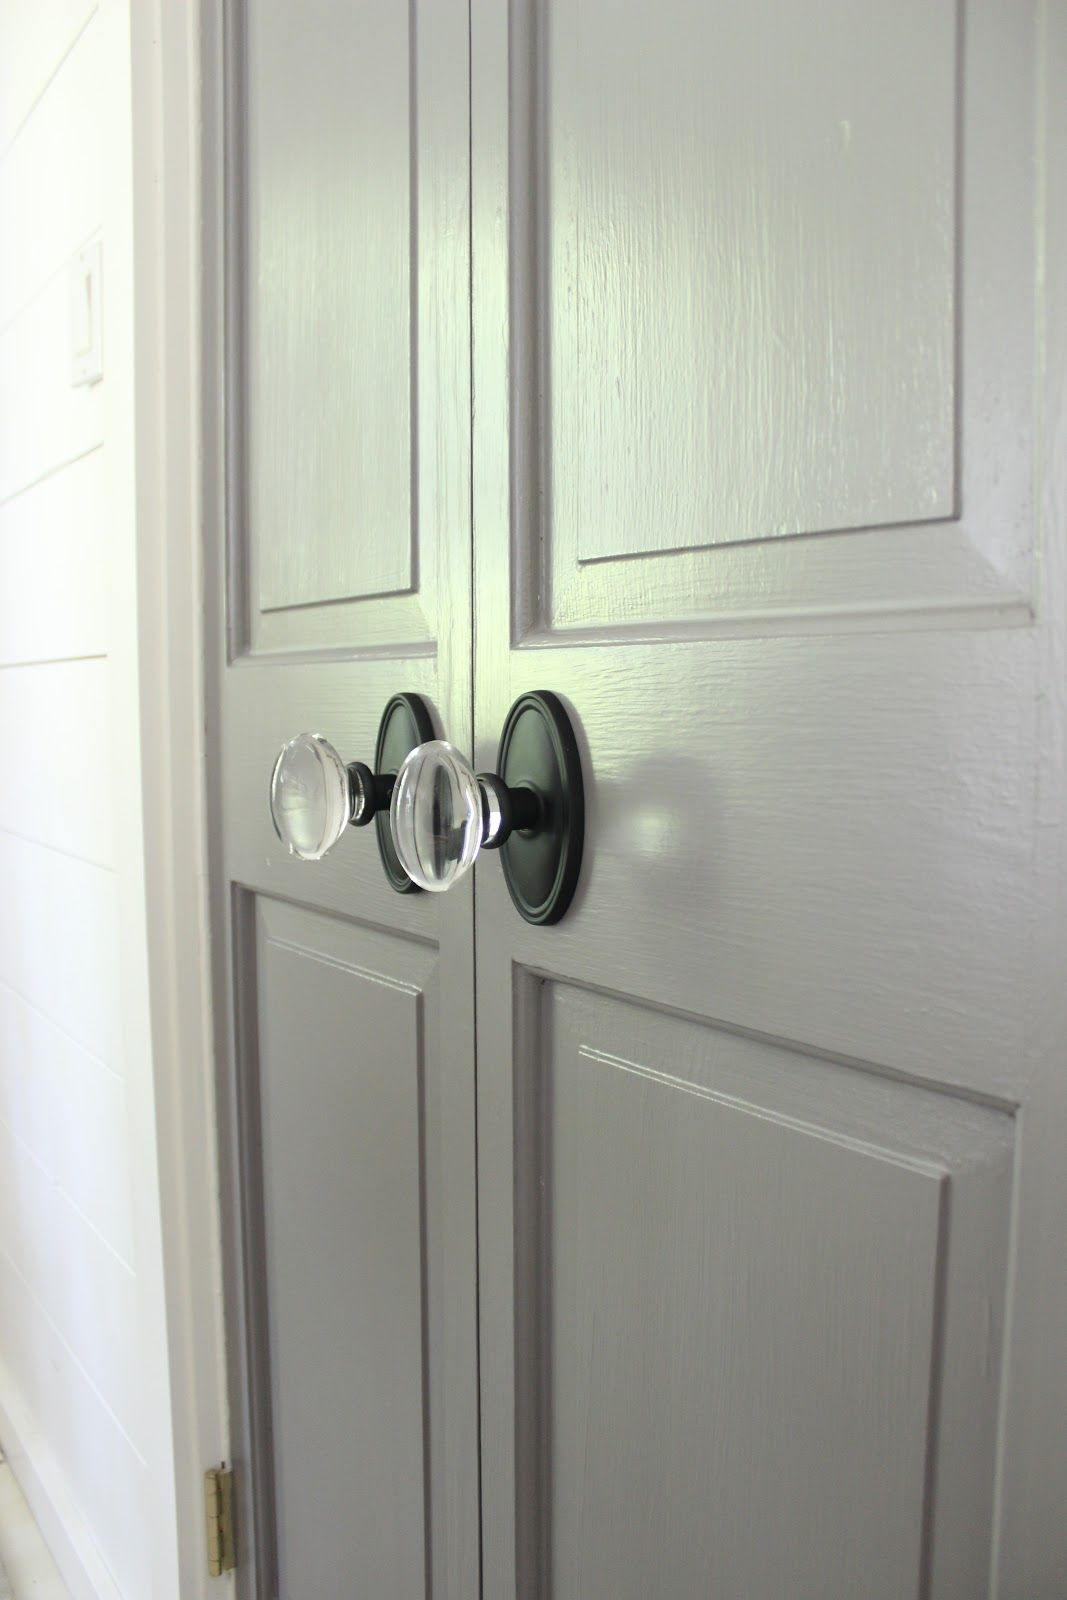 Door Knobs: Emtek [Build.com] Design Indulgence: ONE ROOM CHALLENGE REVEAL